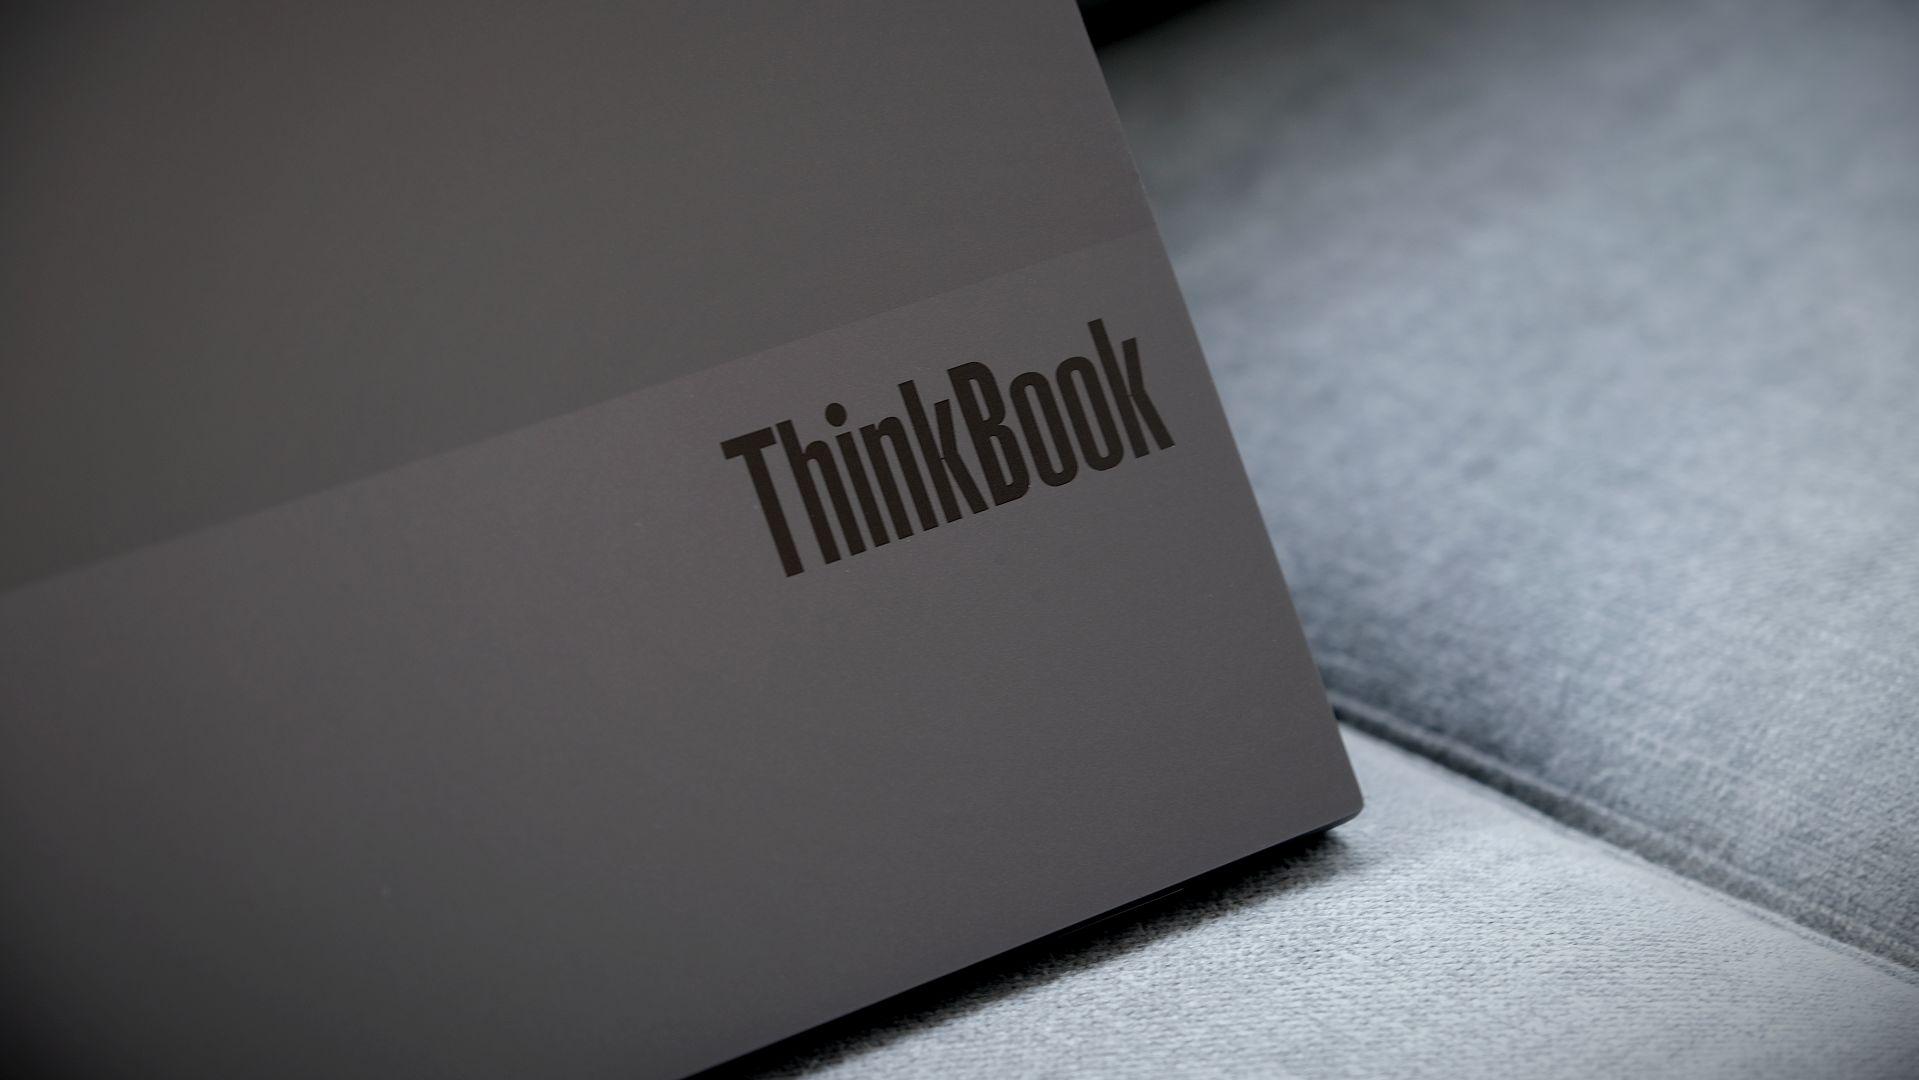 Lenovo ThinkBook 15 G2: Die Renoirssance des Office-Laptops